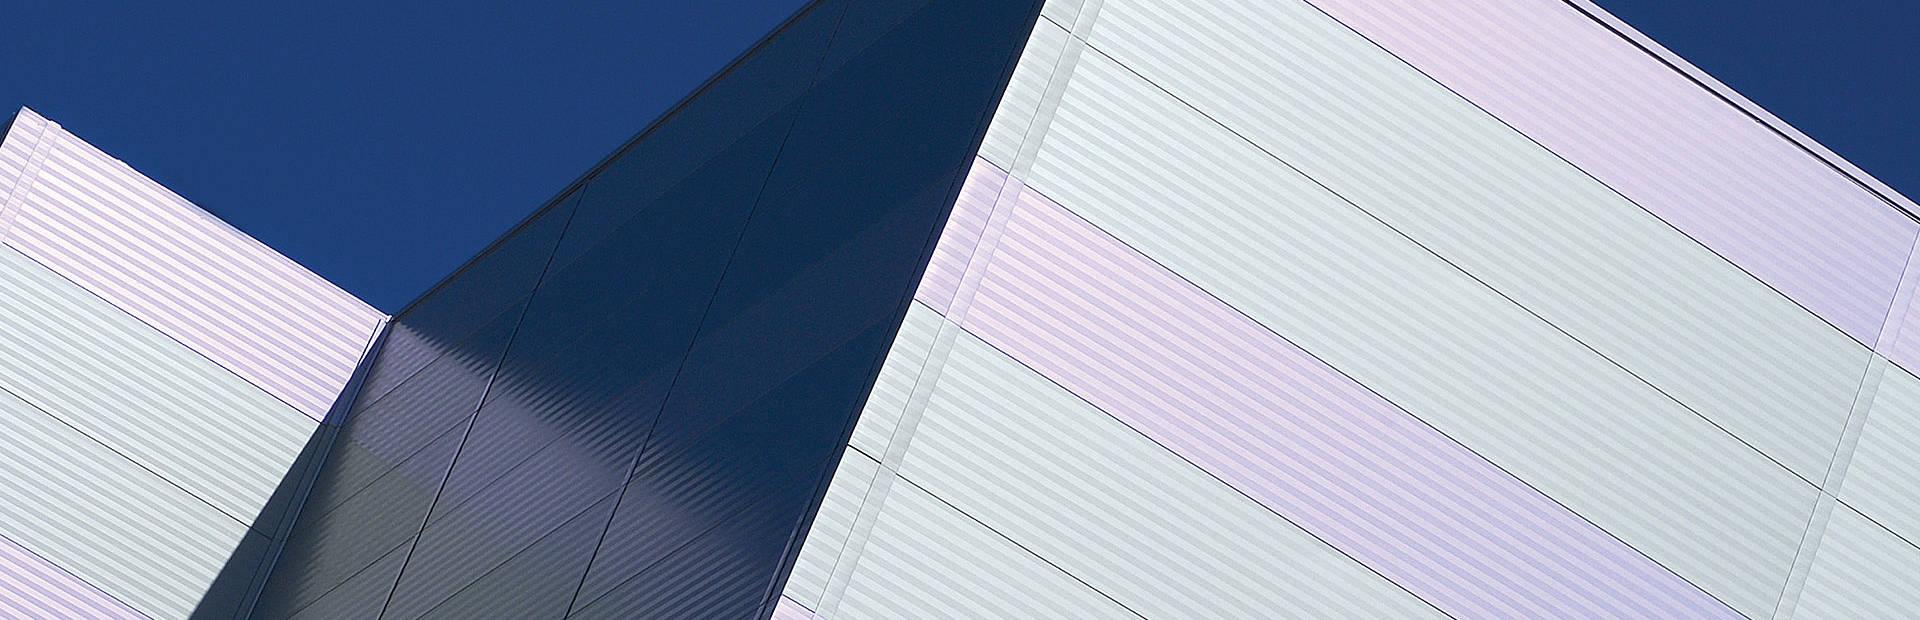 Trimoterm façade panel profiles